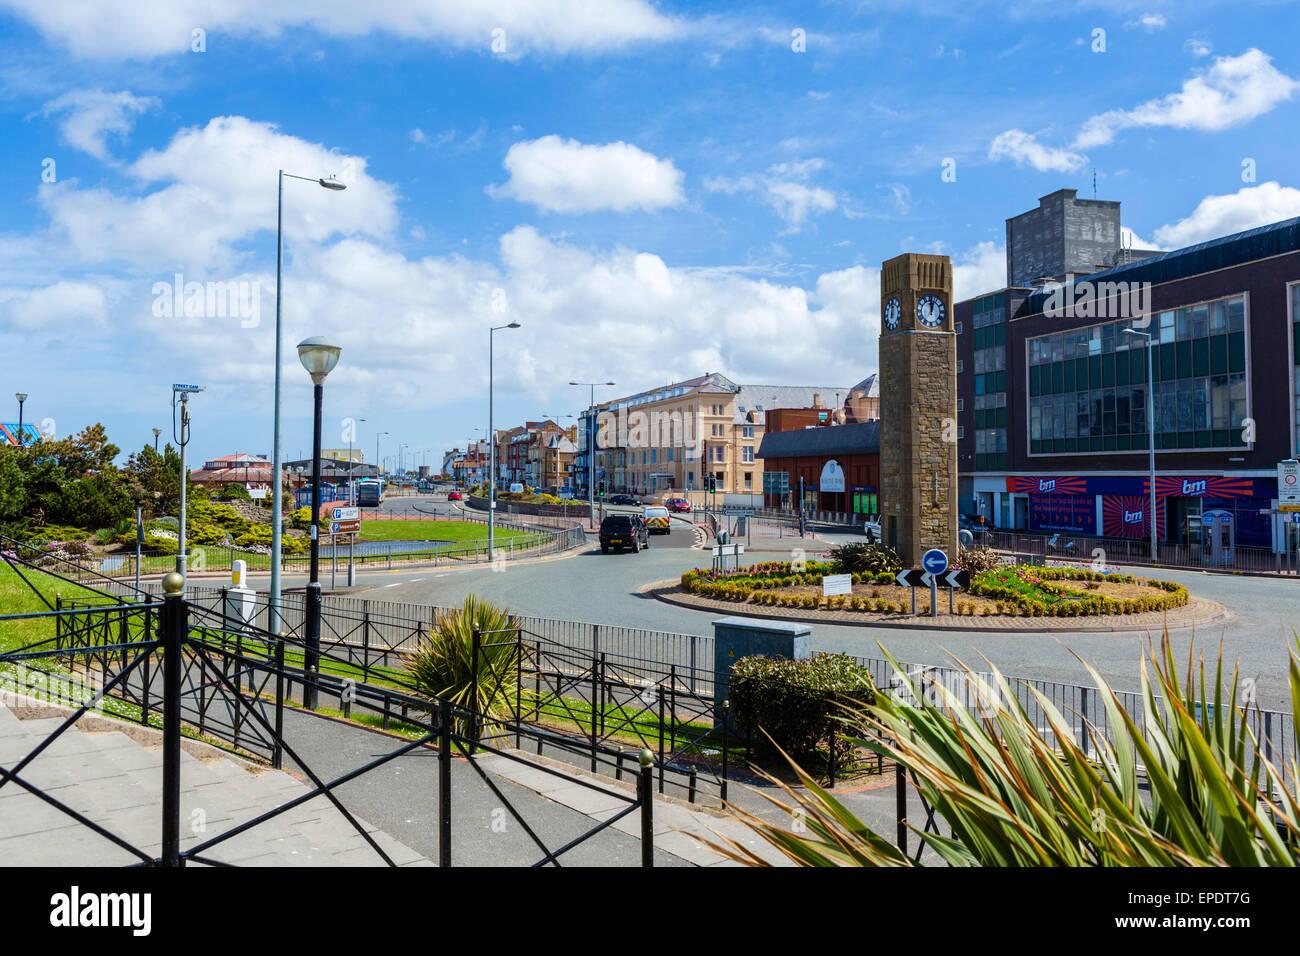 Visualizza in basso a est parata nel centro della città, Rhyl, Denbighshire, Wales, Regno Unito Immagini Stock